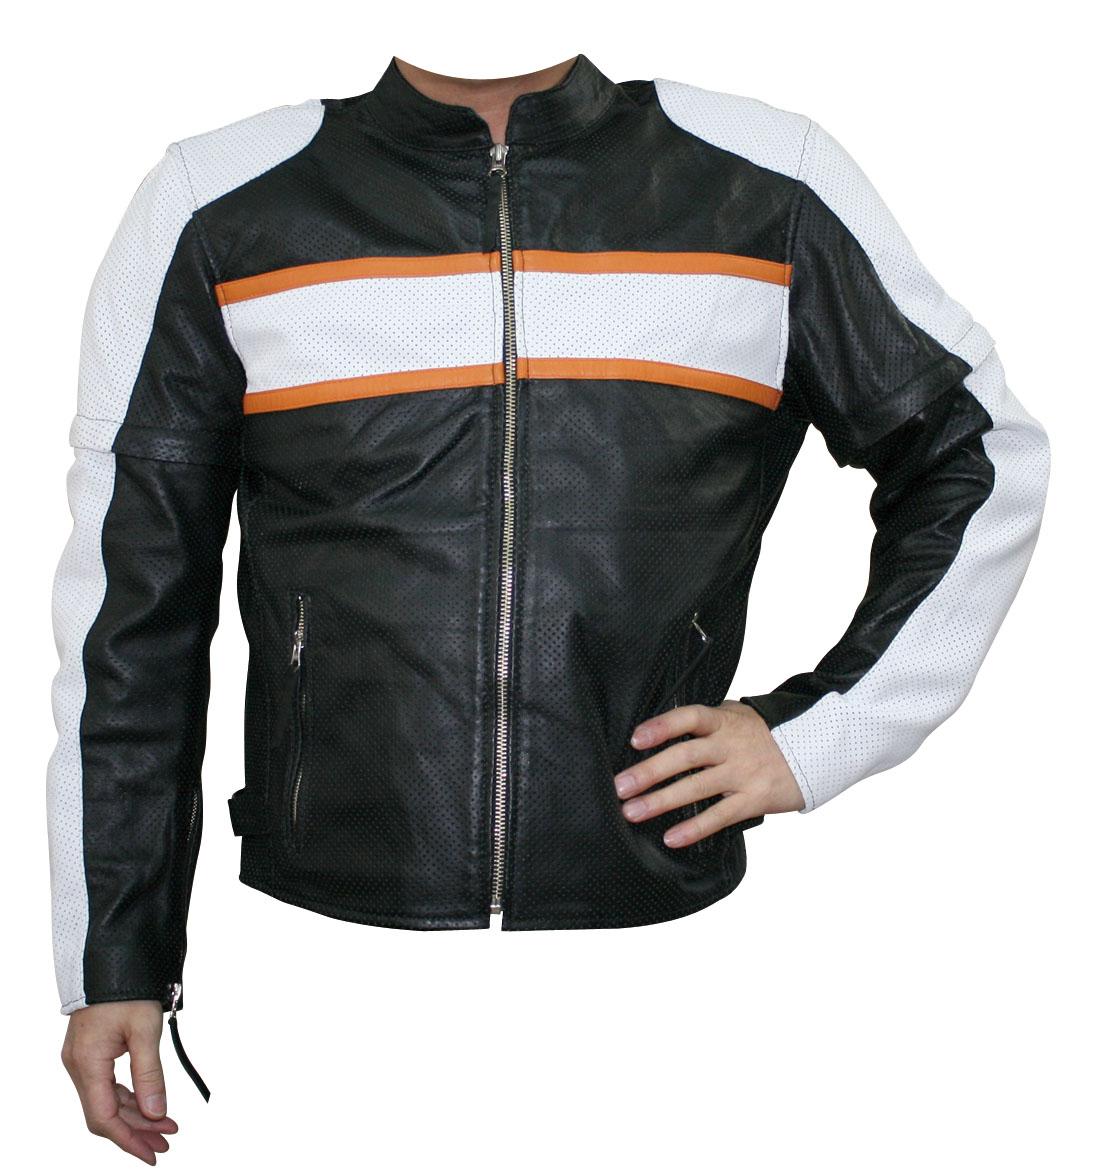 モトフィールド MOTO FIELD 春夏モデル シープパンチングレザージャケット 黒/白 LLサイズ MF-LJ019P JP店